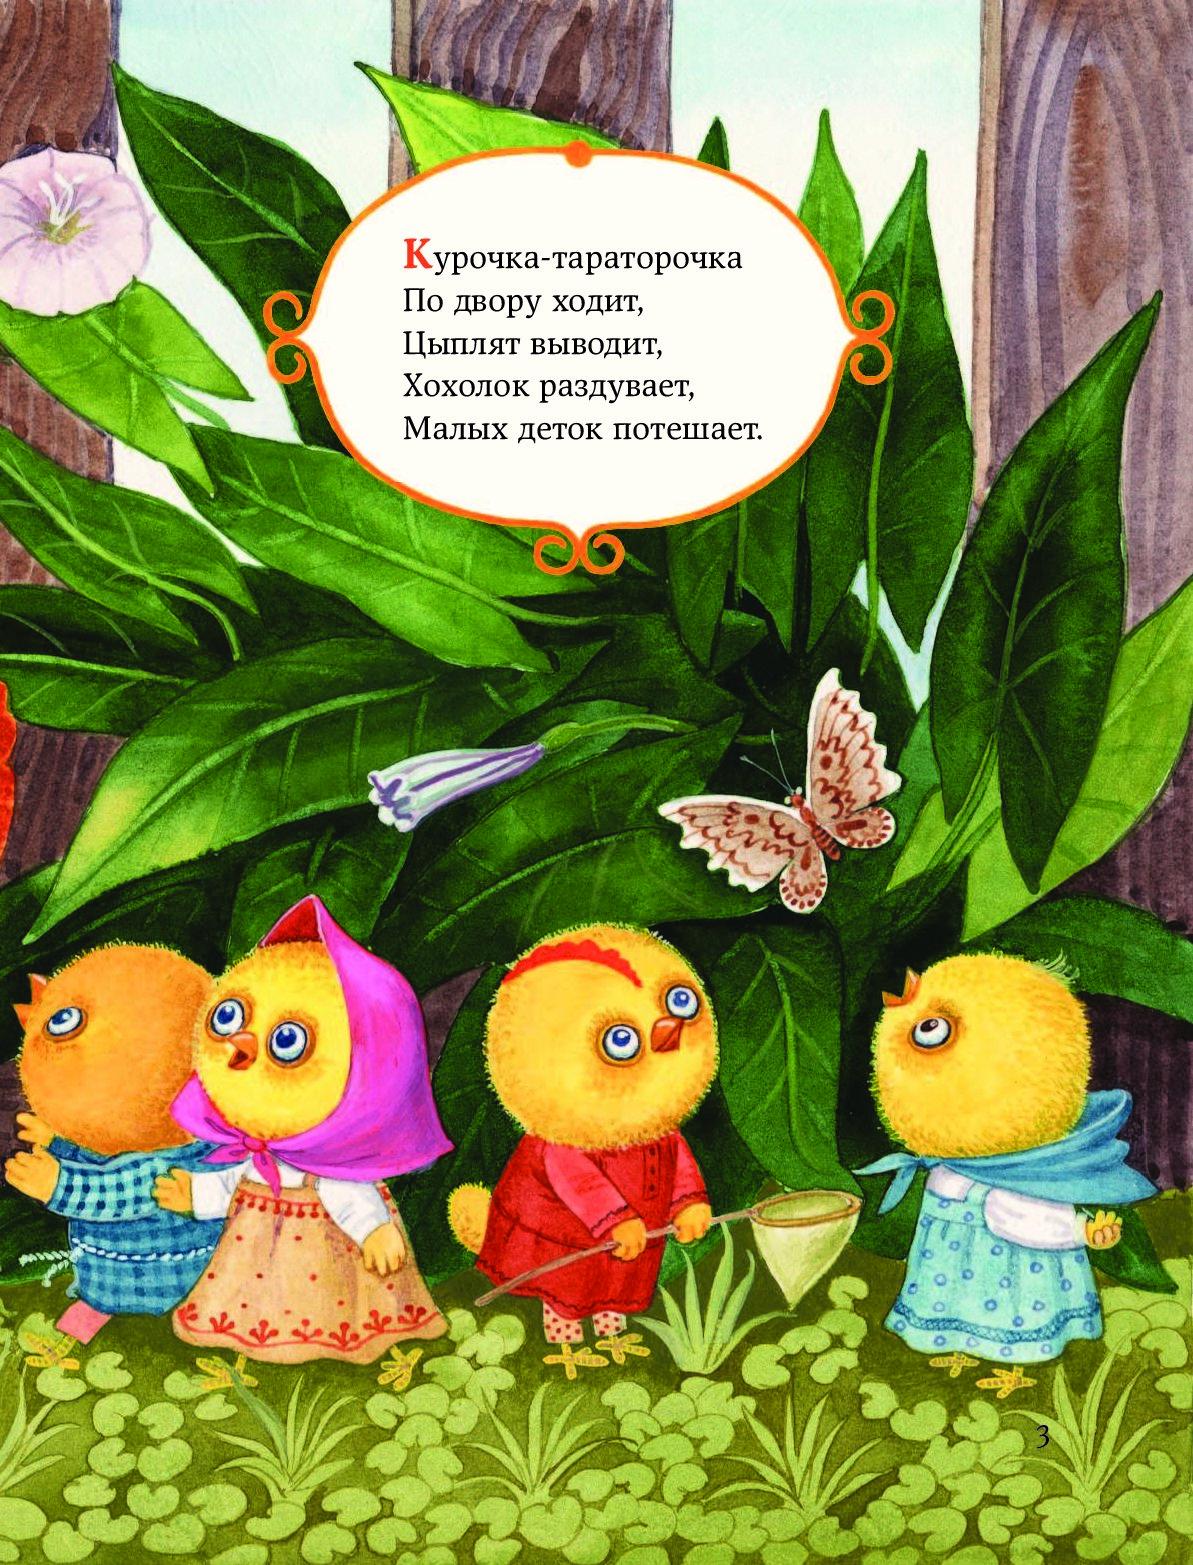 русские народные потешки с картинками рацион входит животная